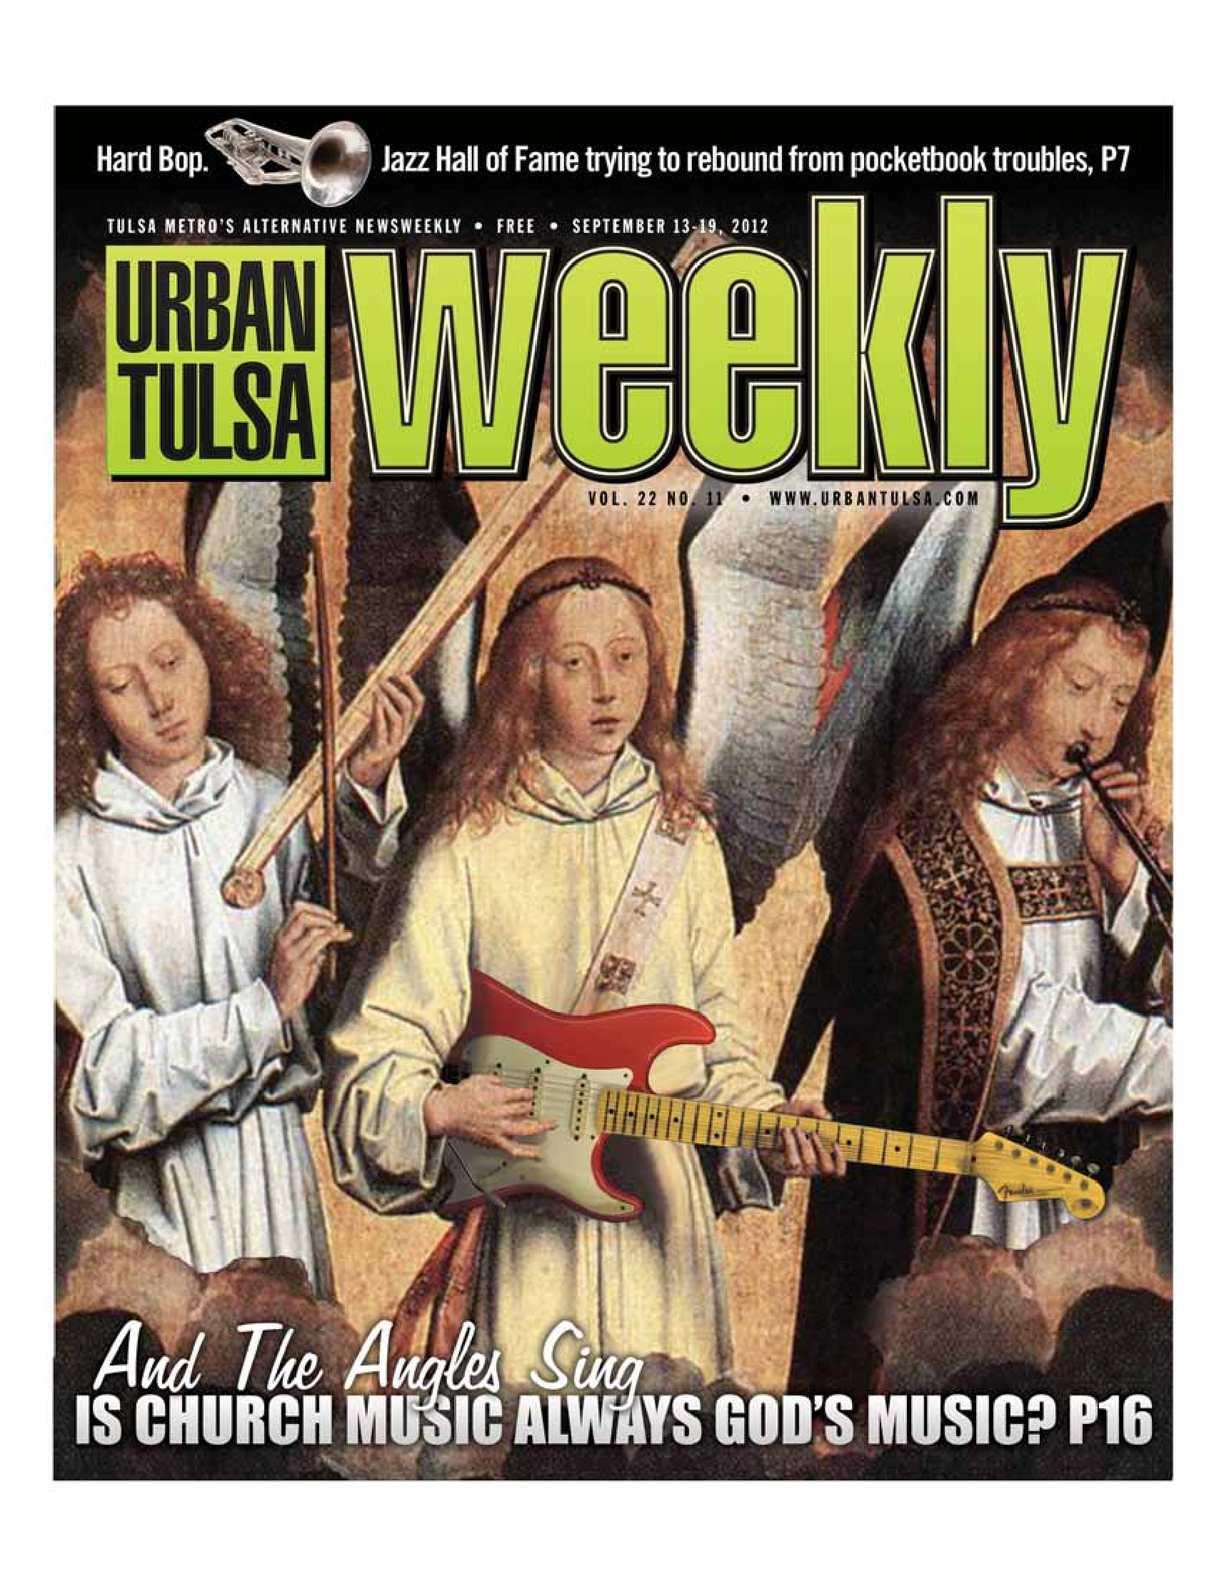 Calaméo Urban Tulsa Weekly 13 19 September 2012